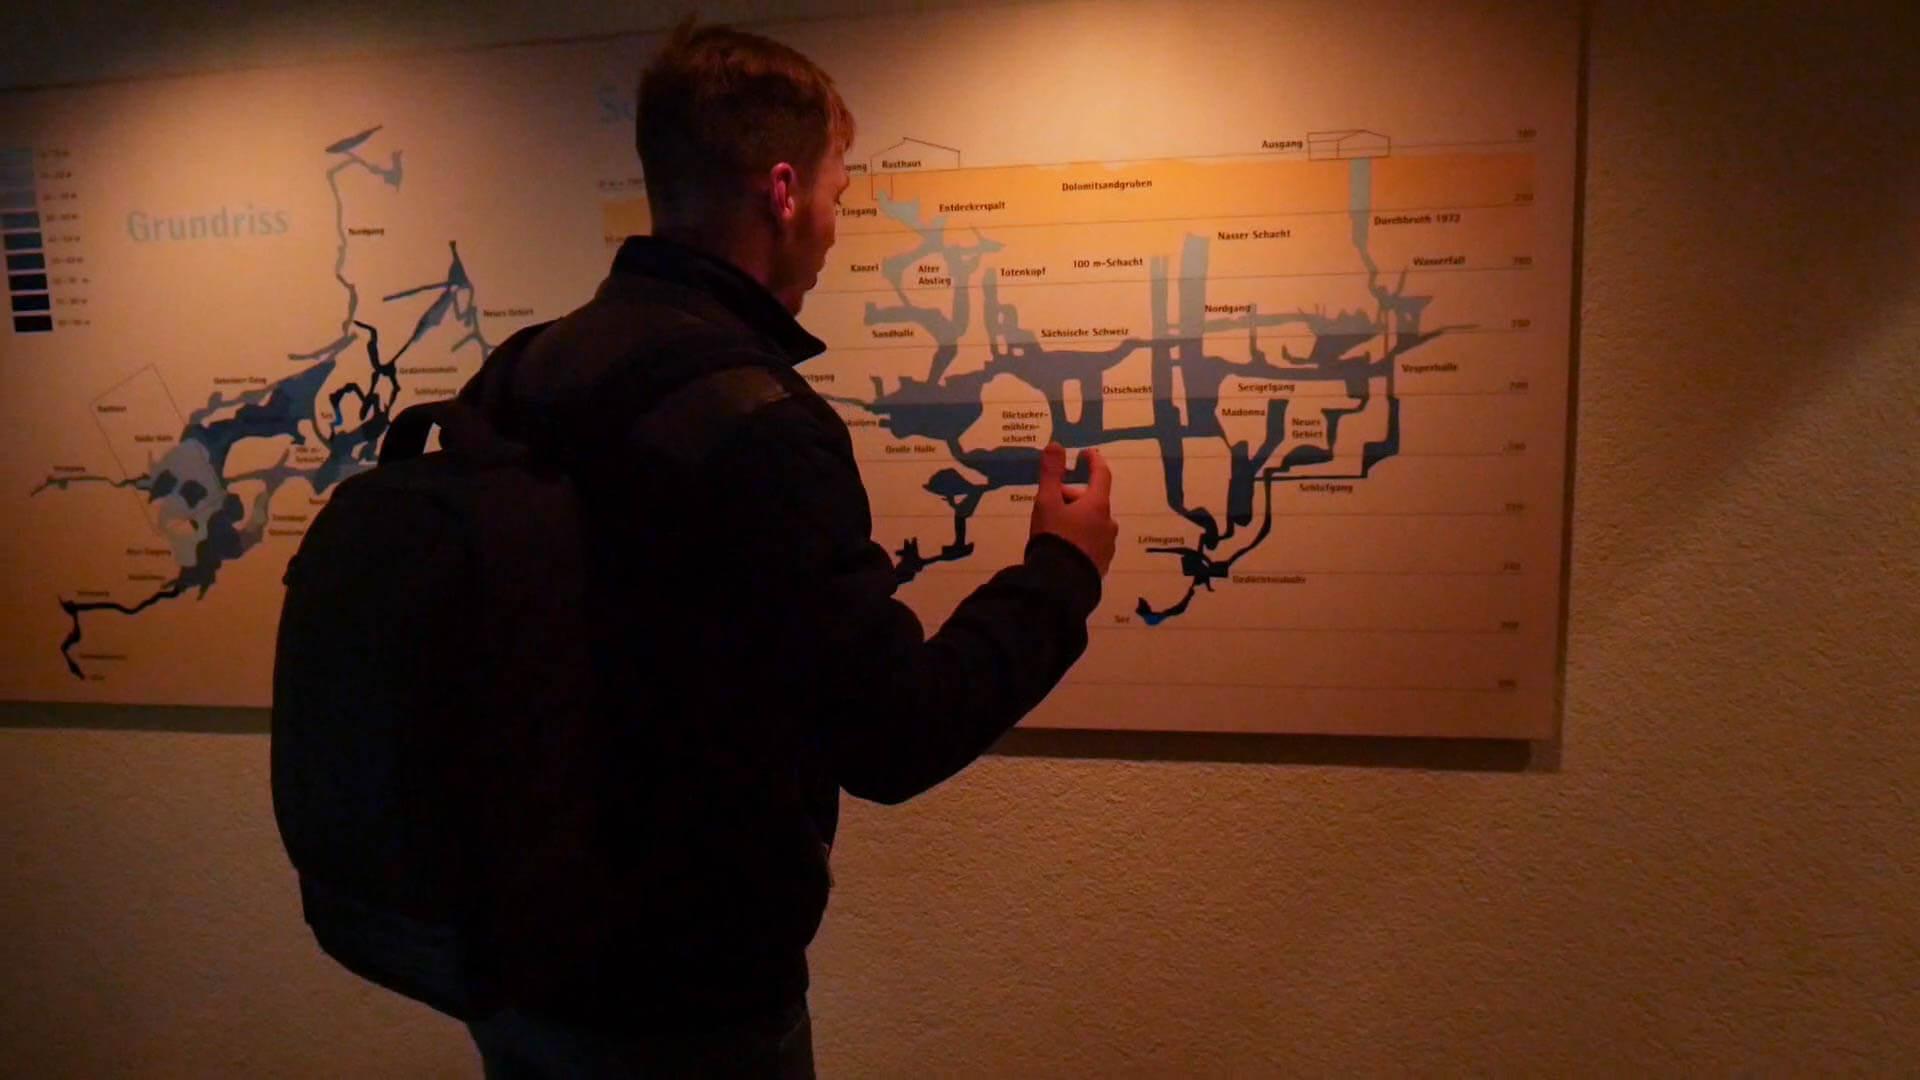 Eine Karte mit der Aufzeichnung der Schachthöhle in Laichingen